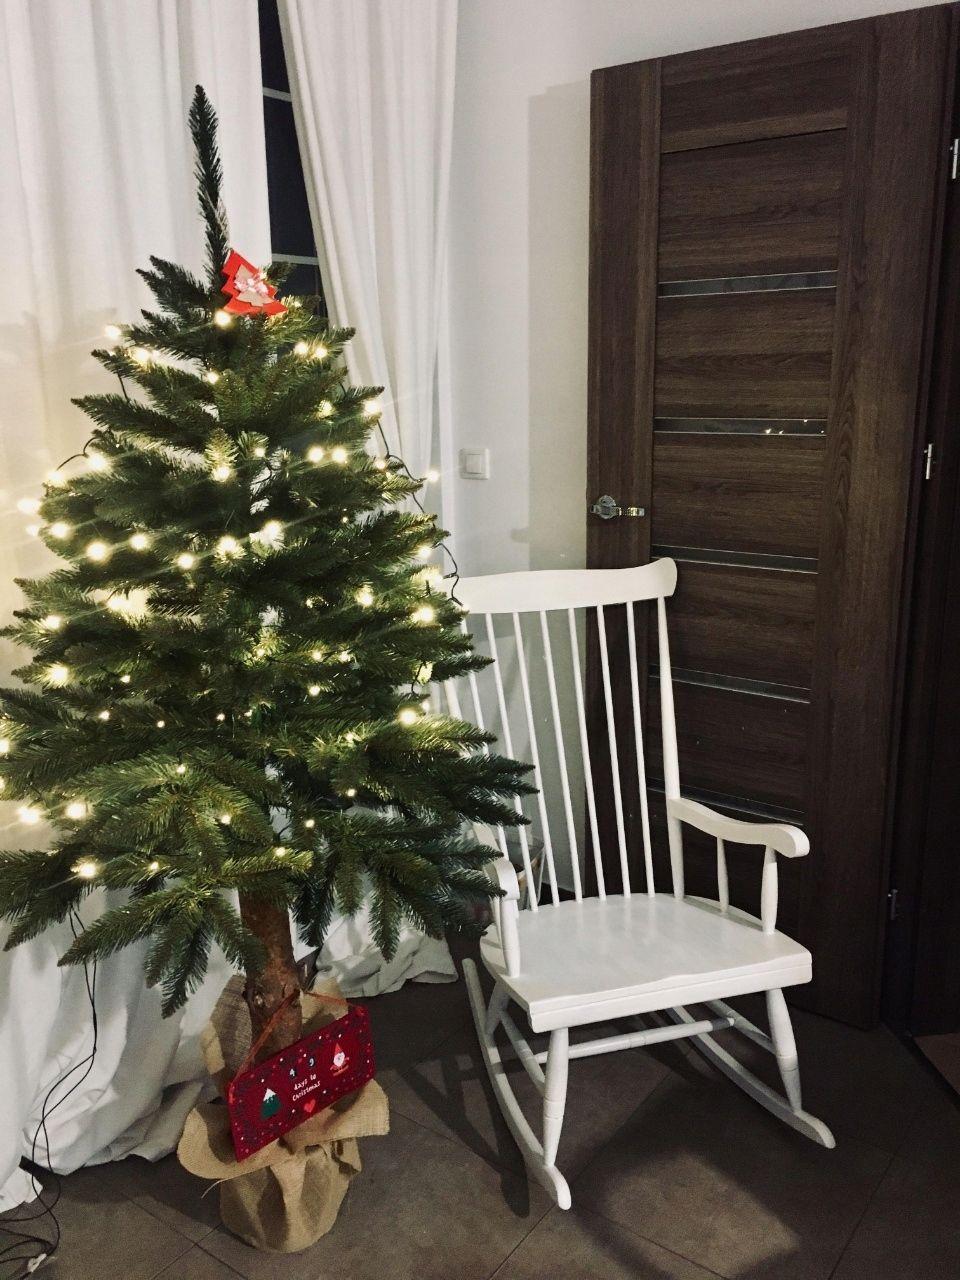 Choinka Sztuczna Na Pniu Swierk Syberyjski 180 Cm 7225370246 Oficjalne Archiwum Allegro Holiday Decor Christmas Tree Christmas